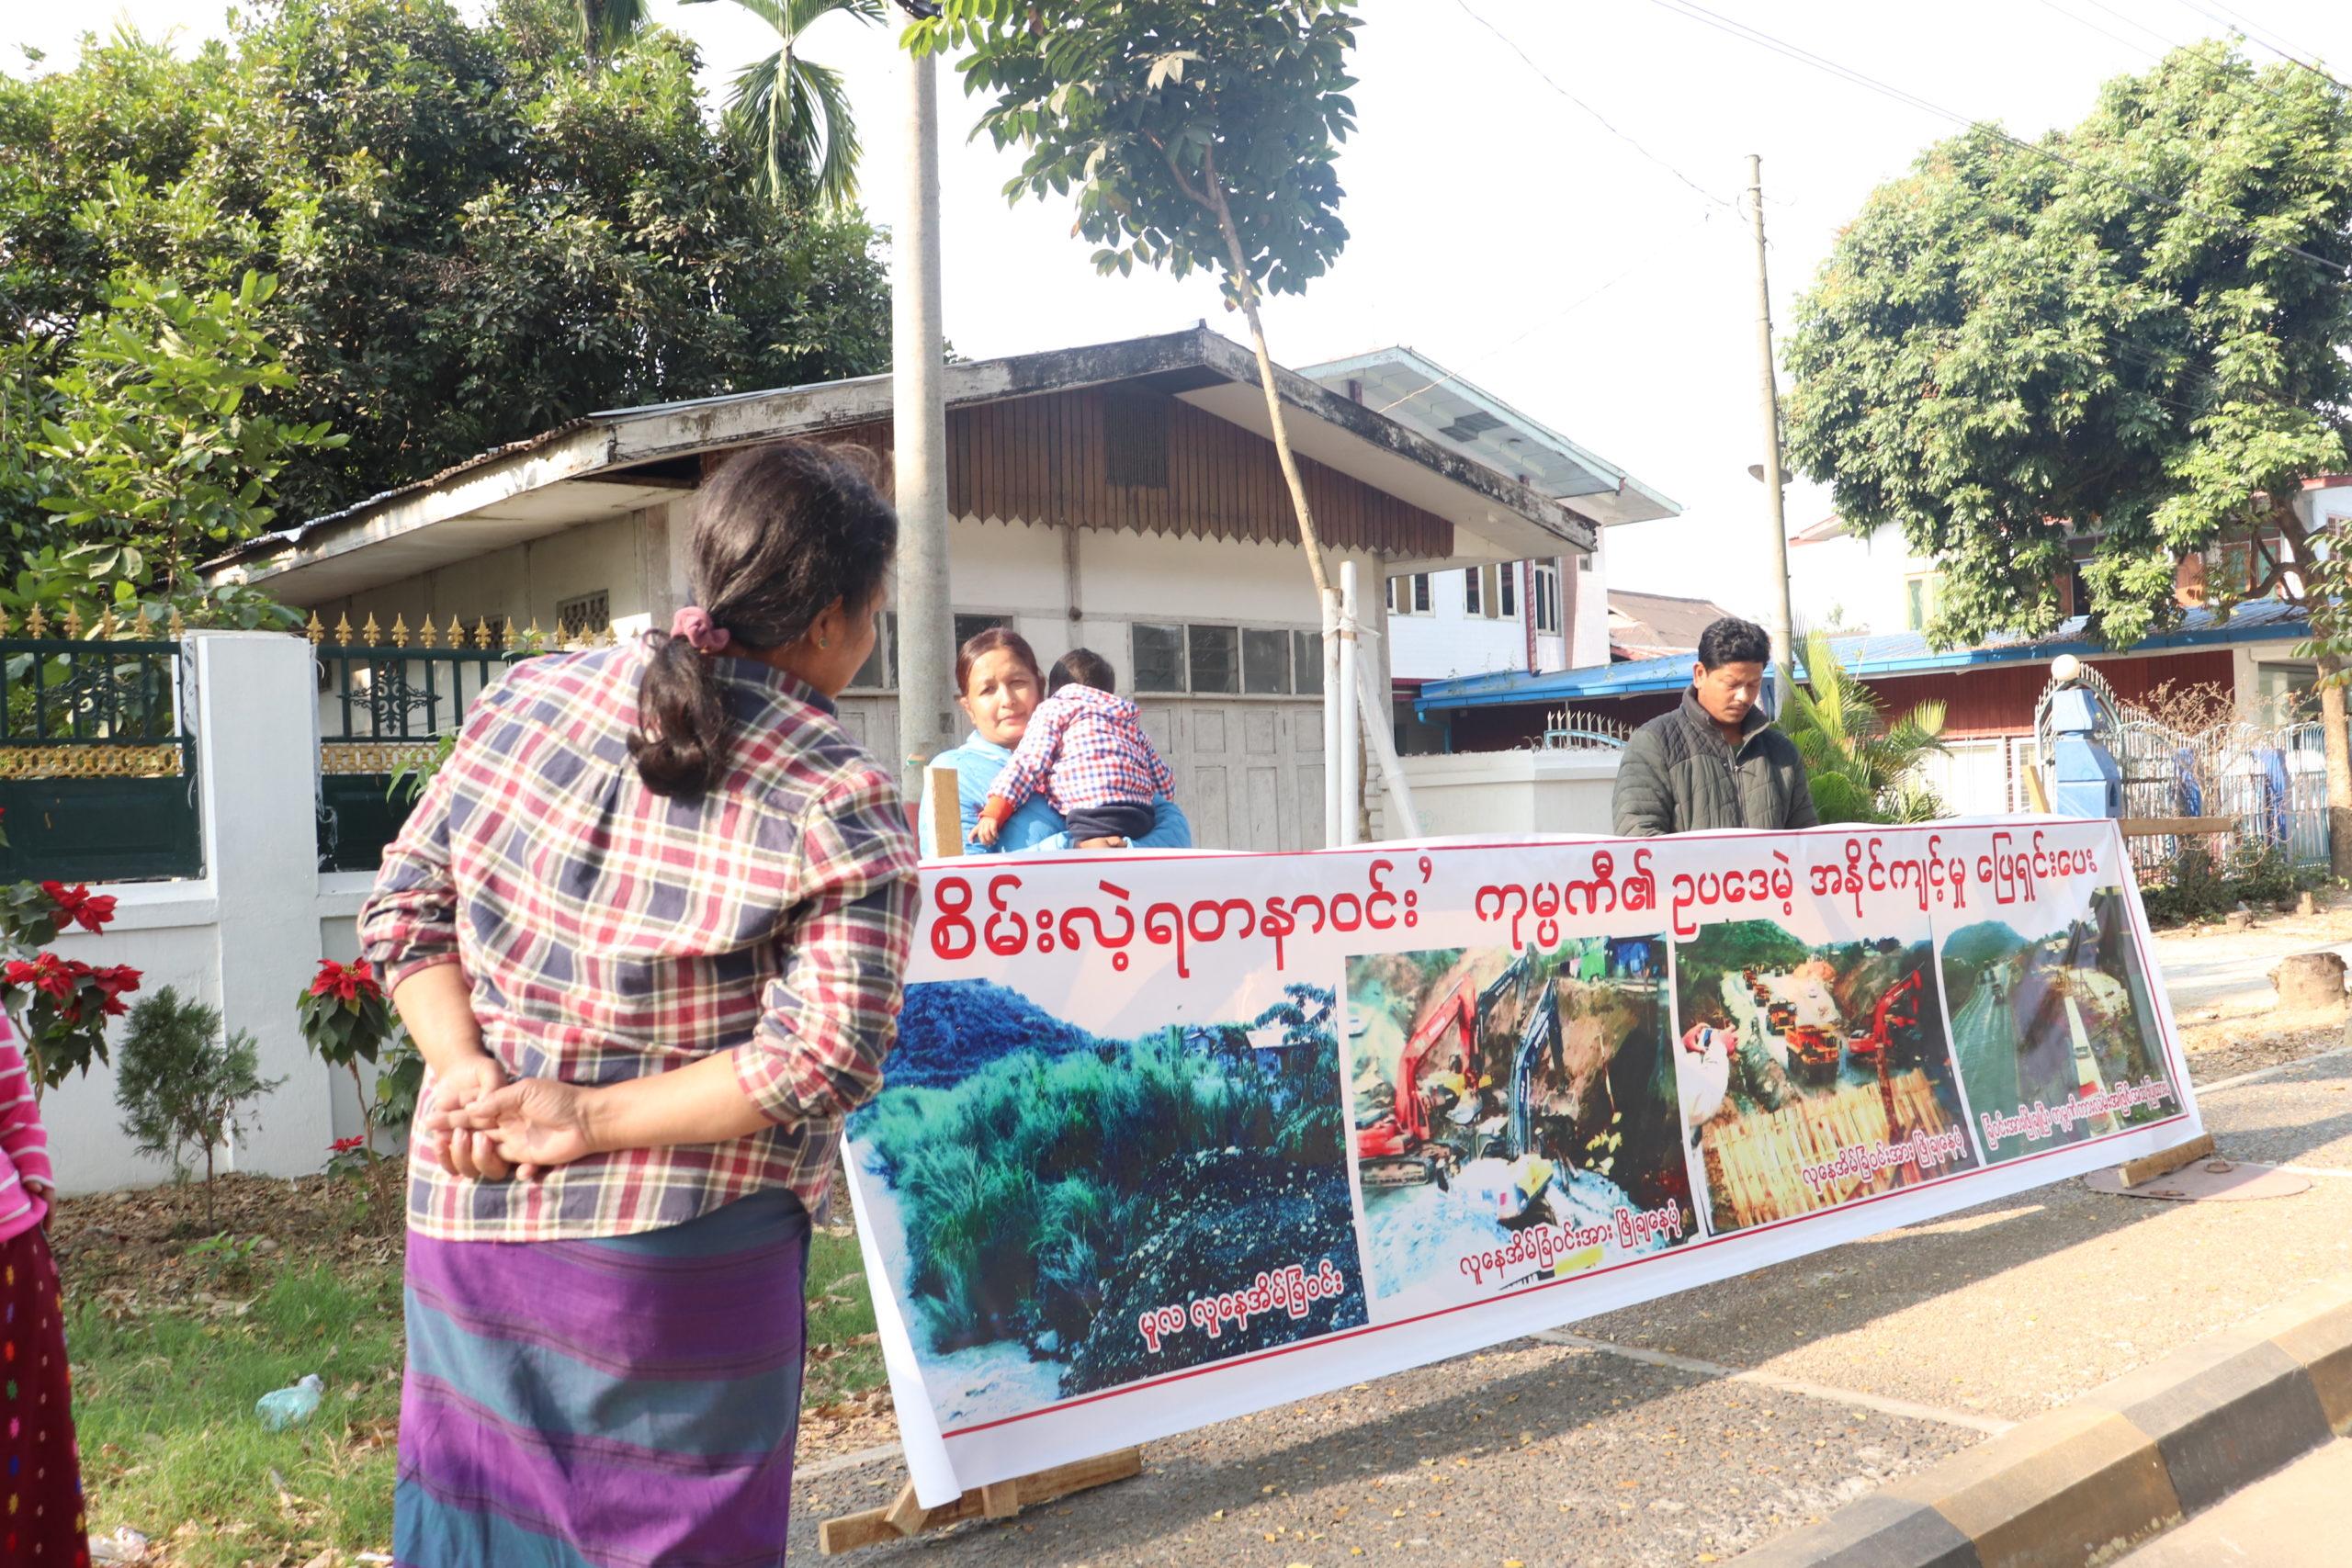 ဖားကန့်ကျောက်စိမ်းကုမ္ပဏီတစ်ခုကို မိသားစု တစ်စု ဆန္ဒပြ